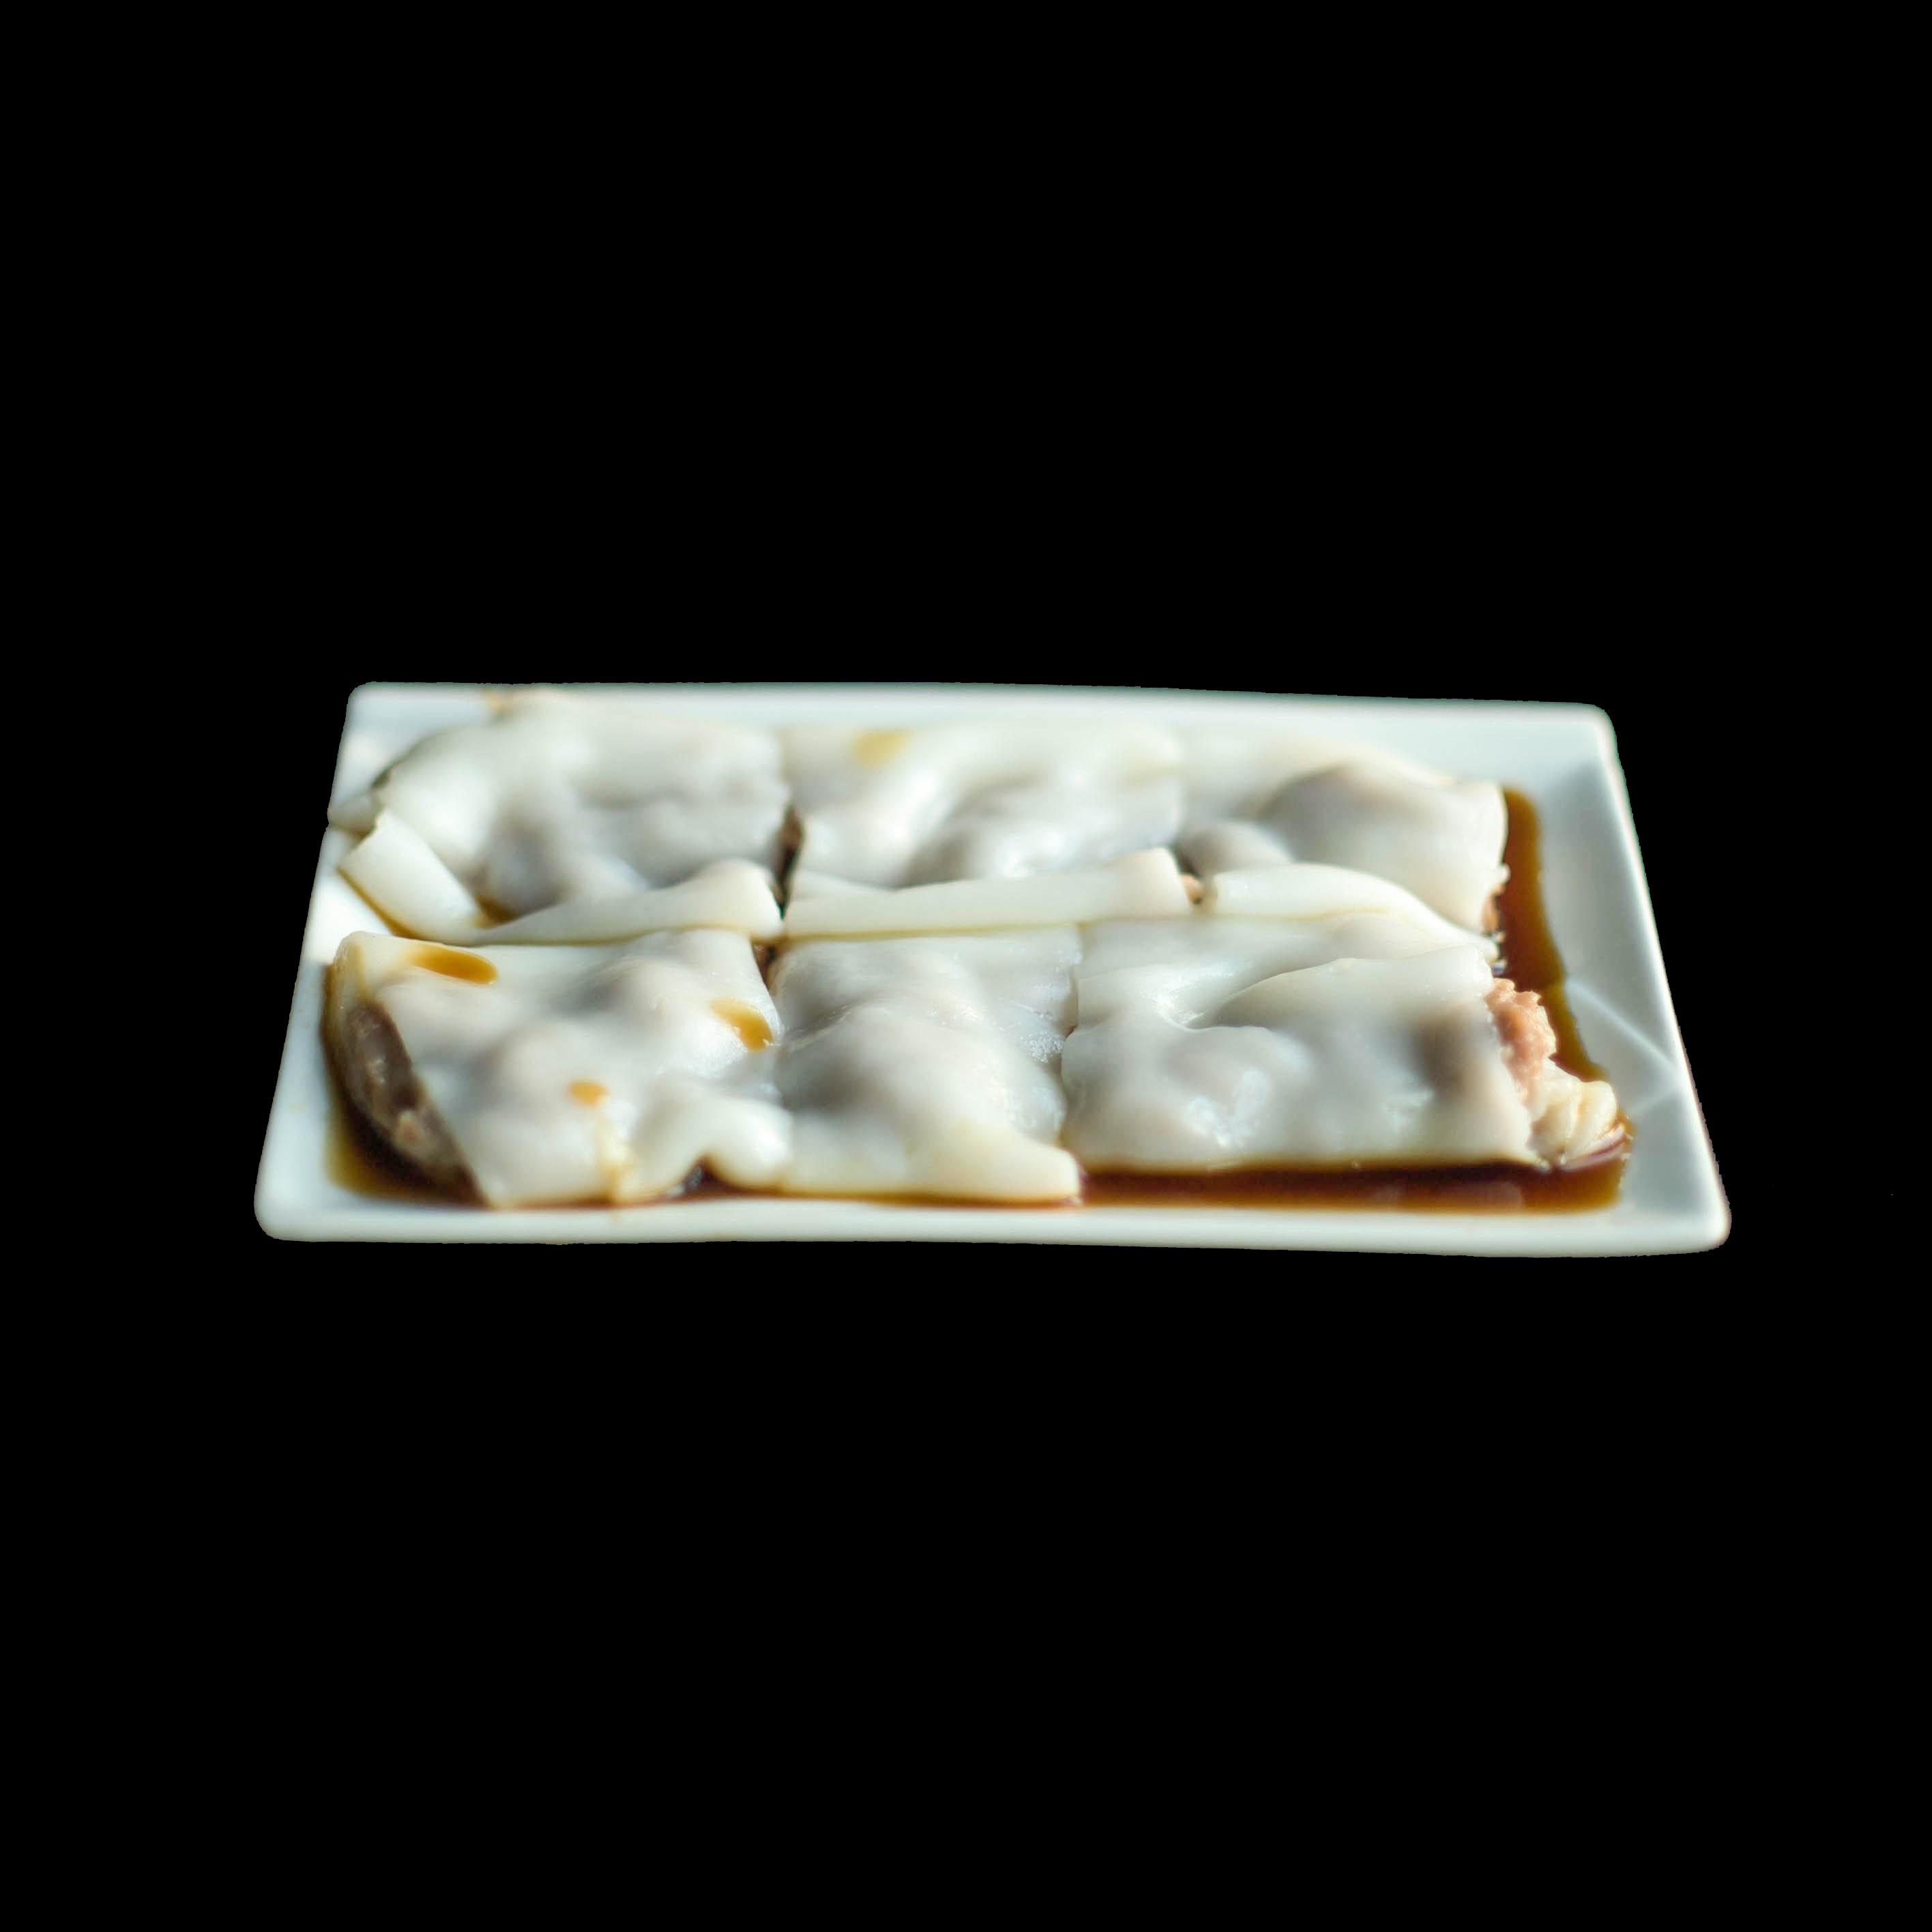 16. 虾拉肠粉  Shrimp Rice Noodle Roll Image